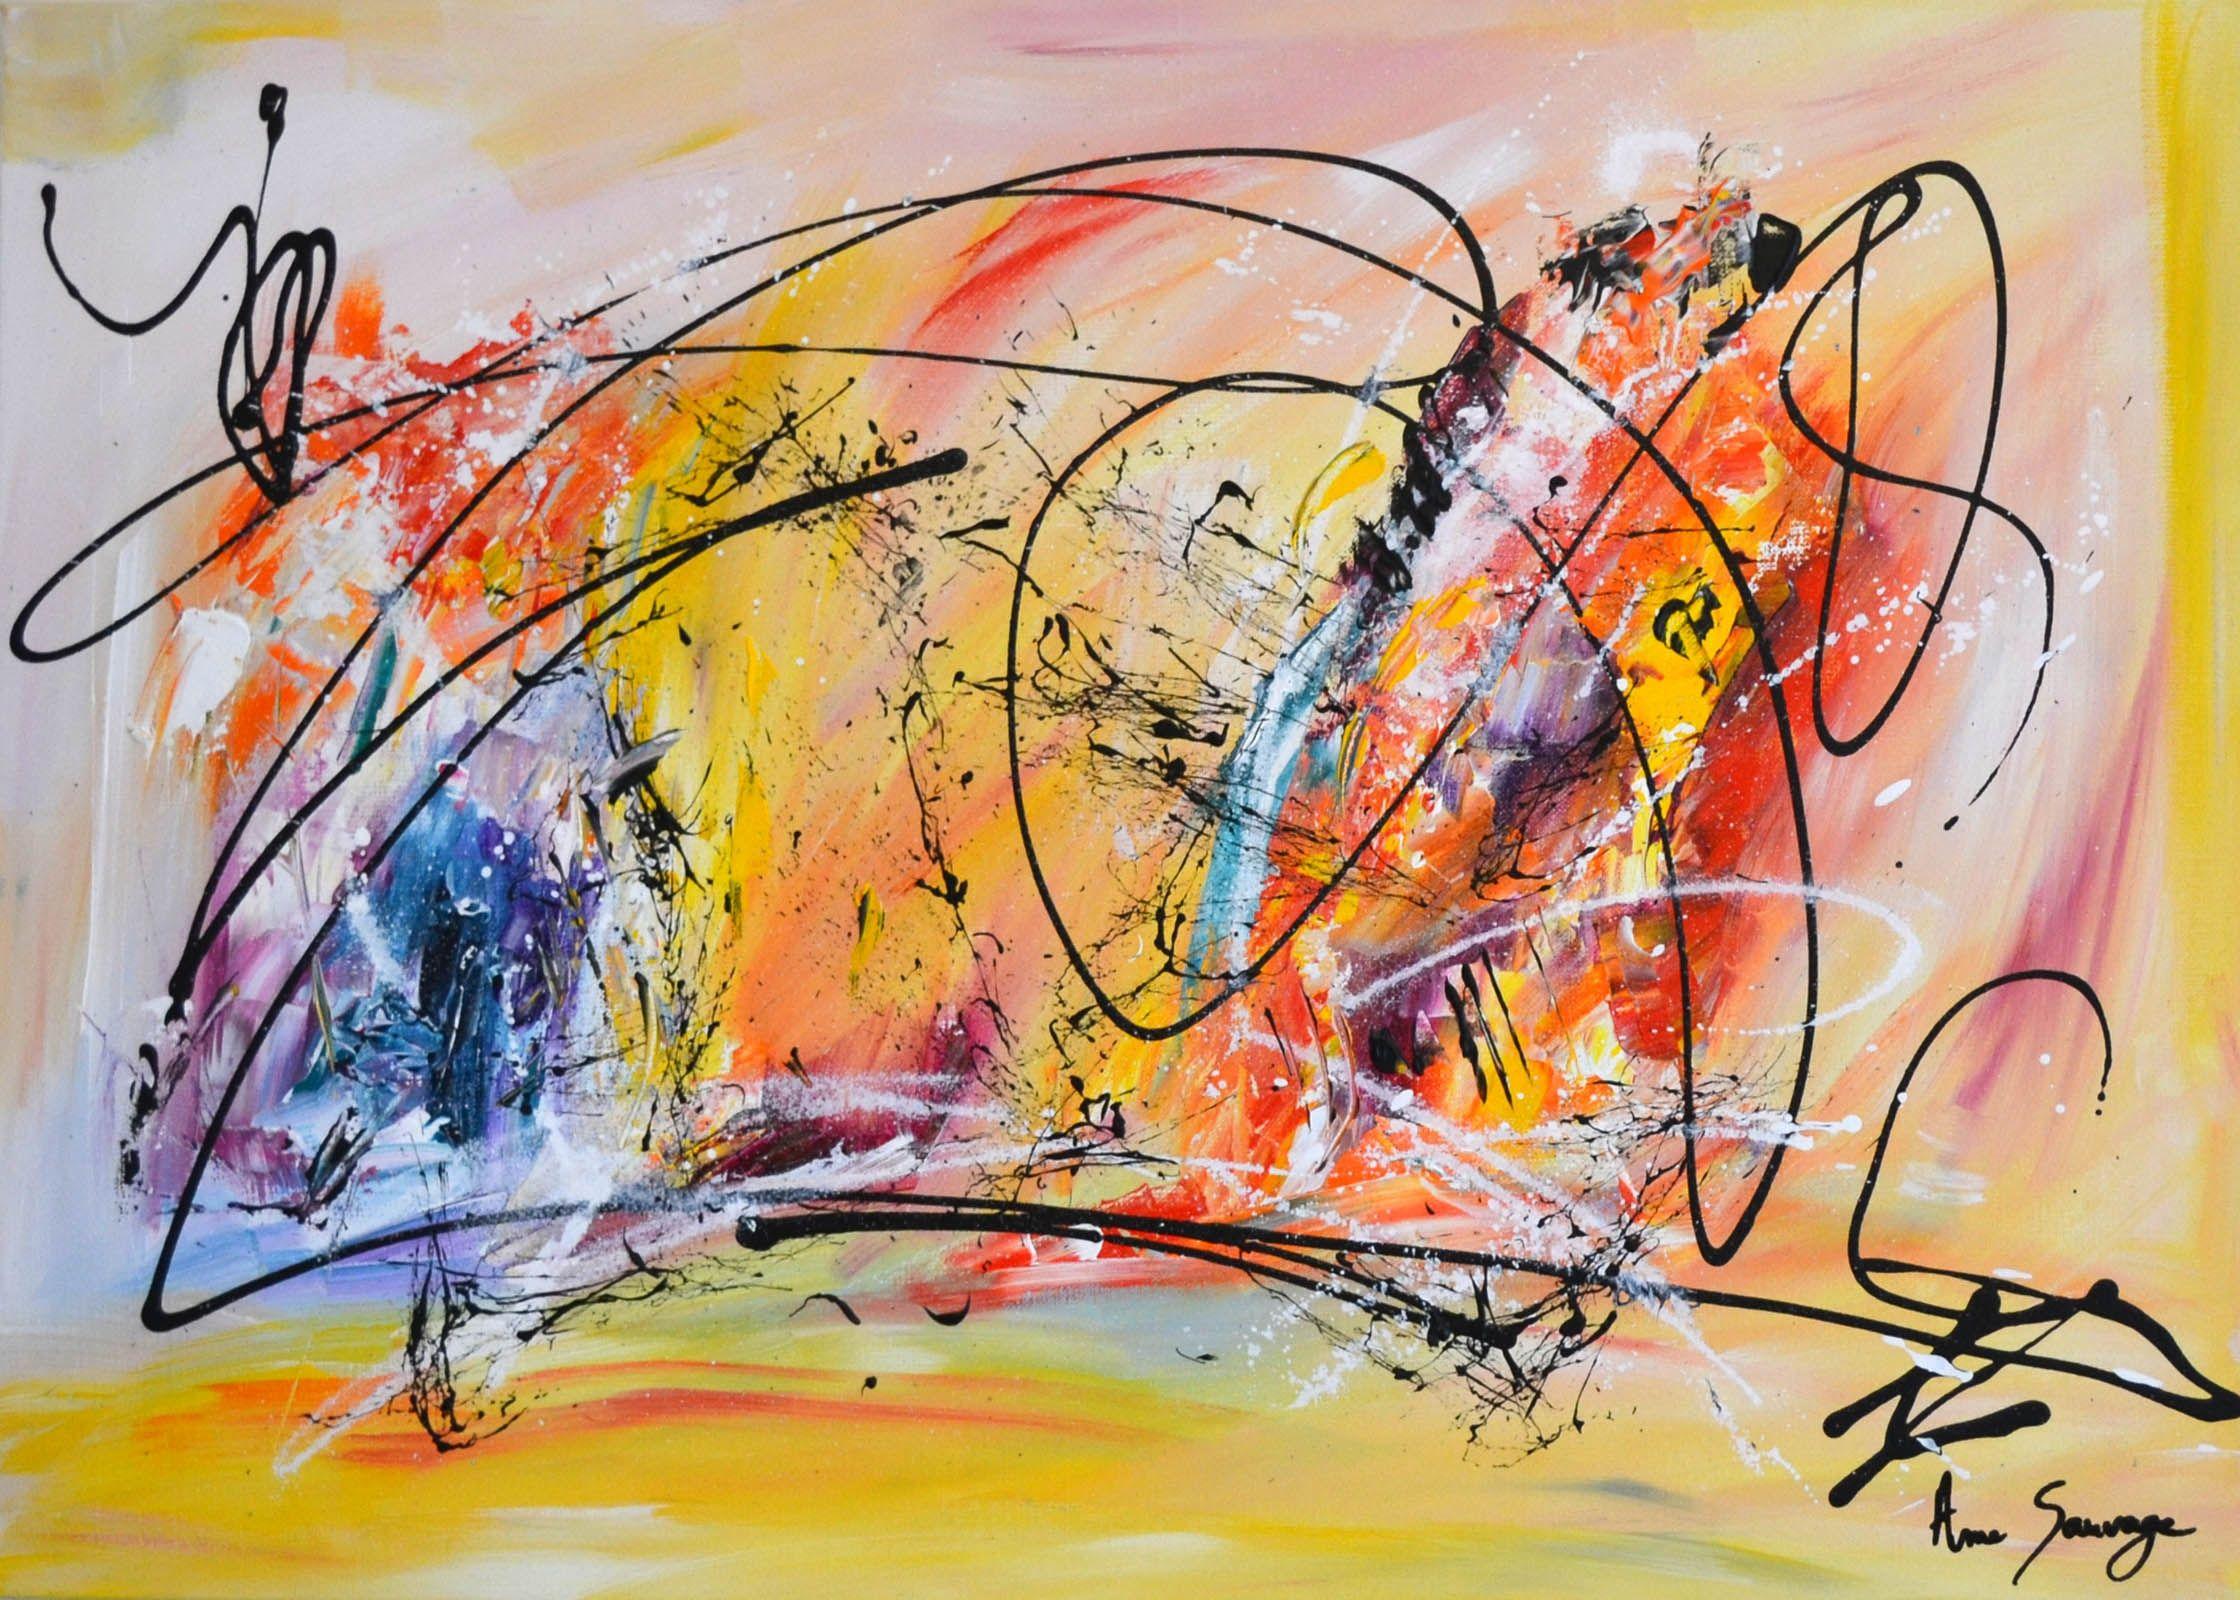 tableau abstrait coloré peint à la main | Peinture abstraite, Peinture  abstraite contemporaine, Comment peindre